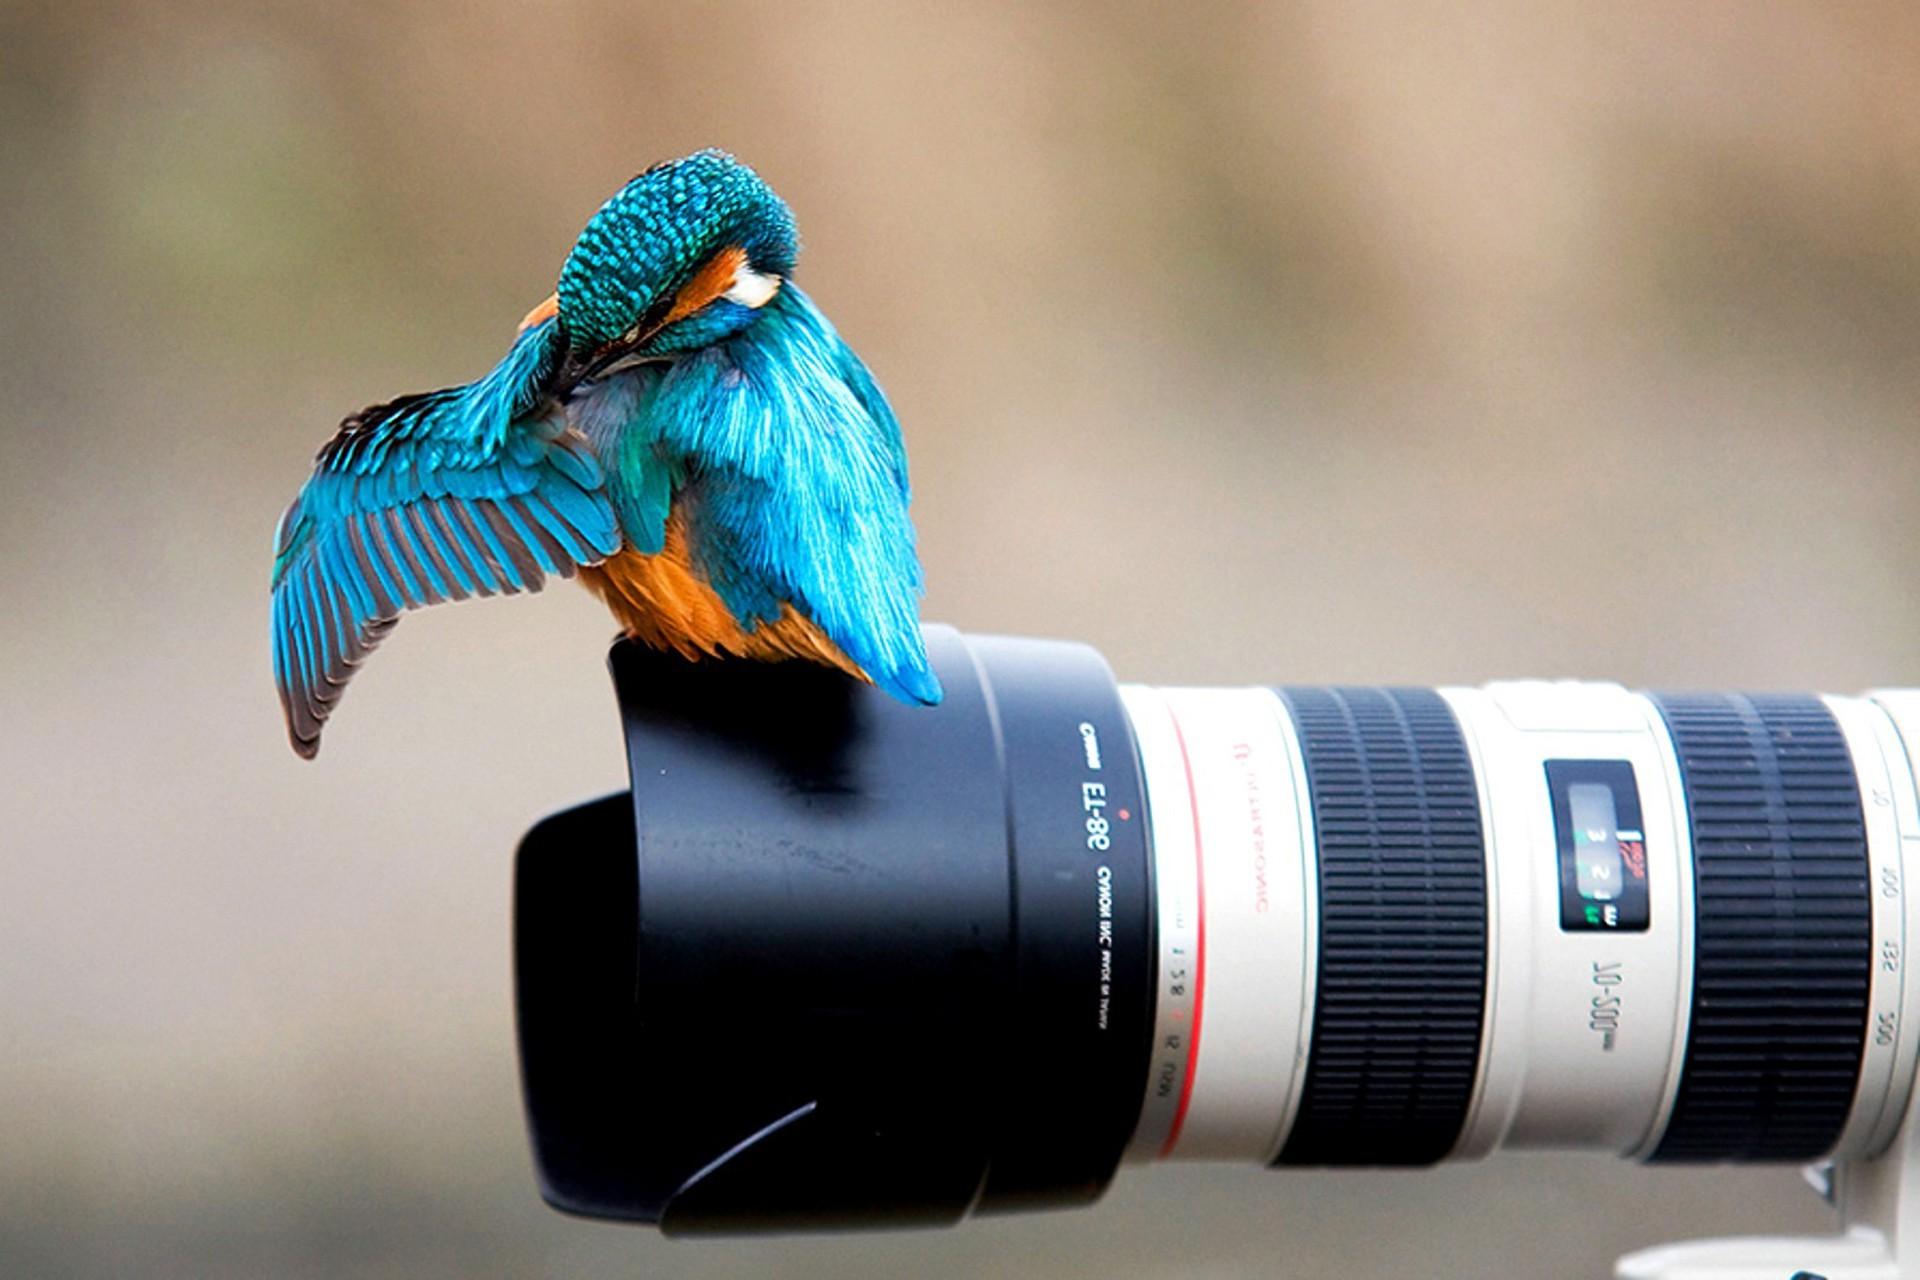 Wallpaper 1920x1280 Px Animals Birds Camera Canon Colibri